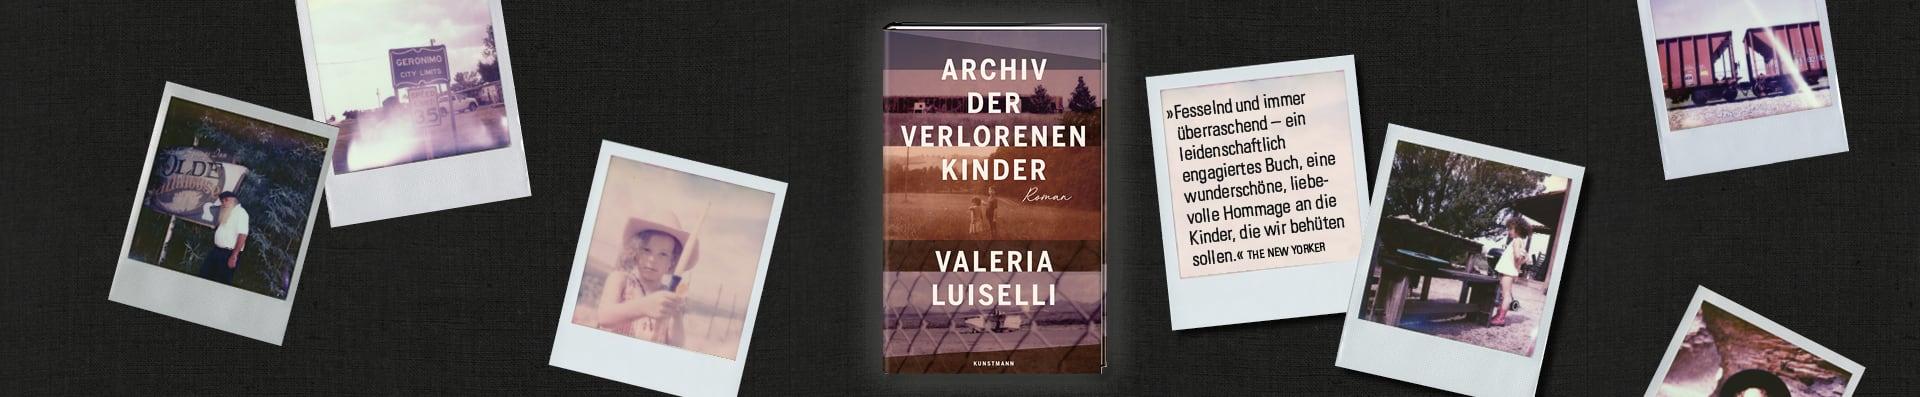 Valeria Luiselli – Archiv der verlorenen Kinder